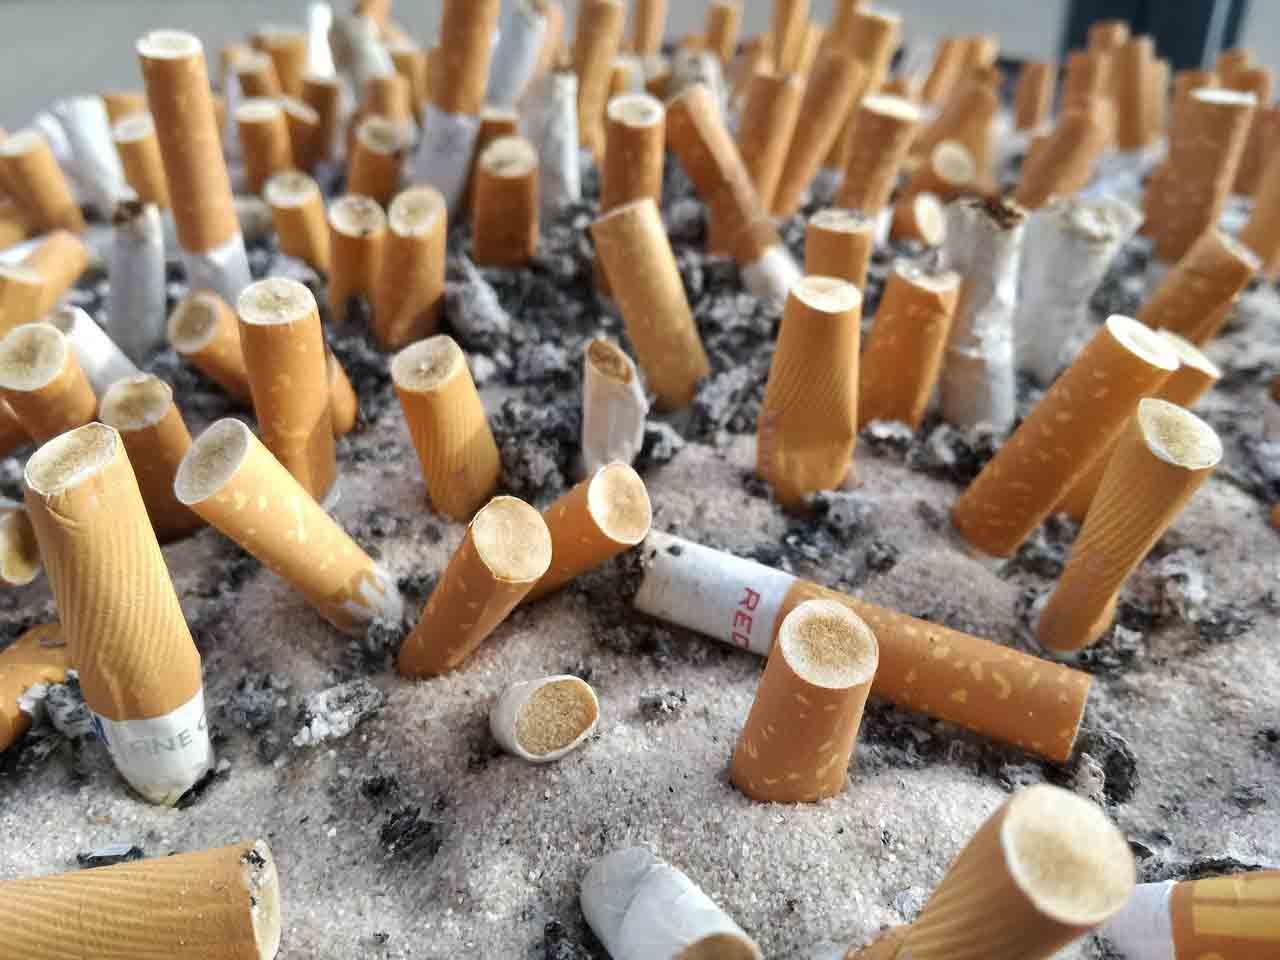 Hvilke følelser undertrykker du, når du ryger?